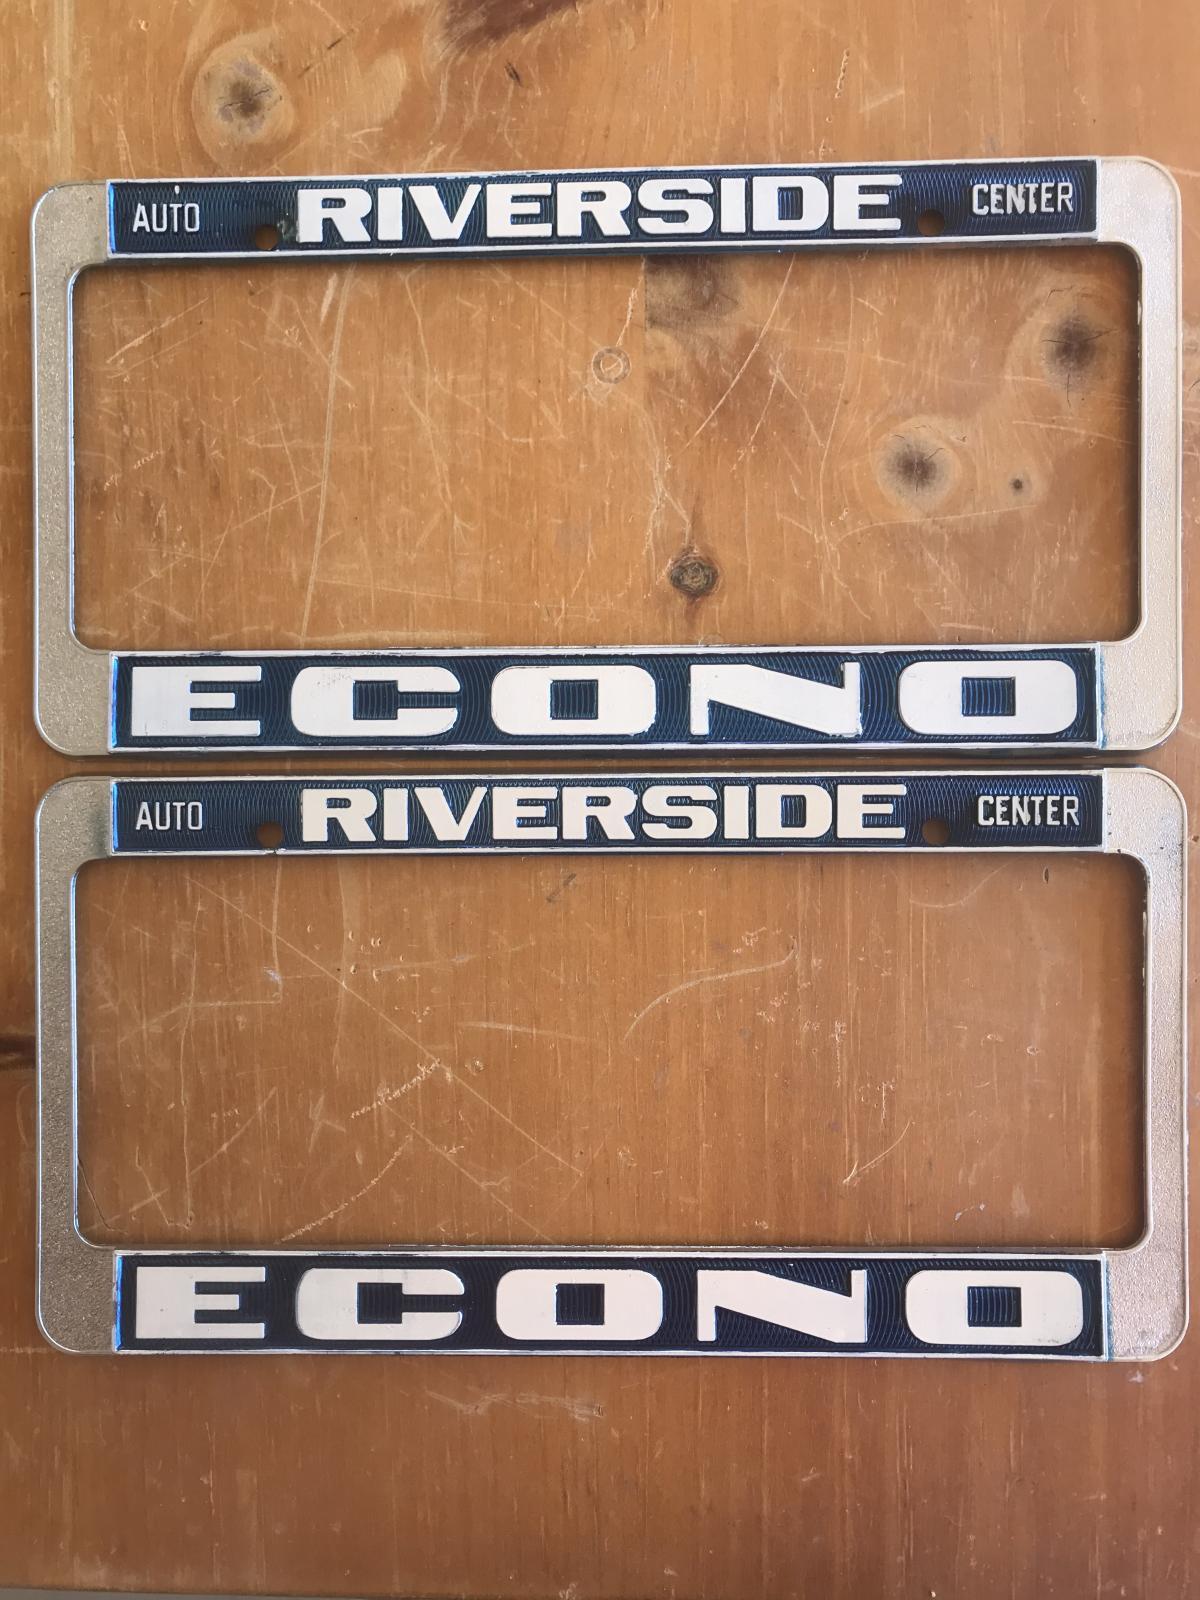 Original late NOS Empi license plate frames